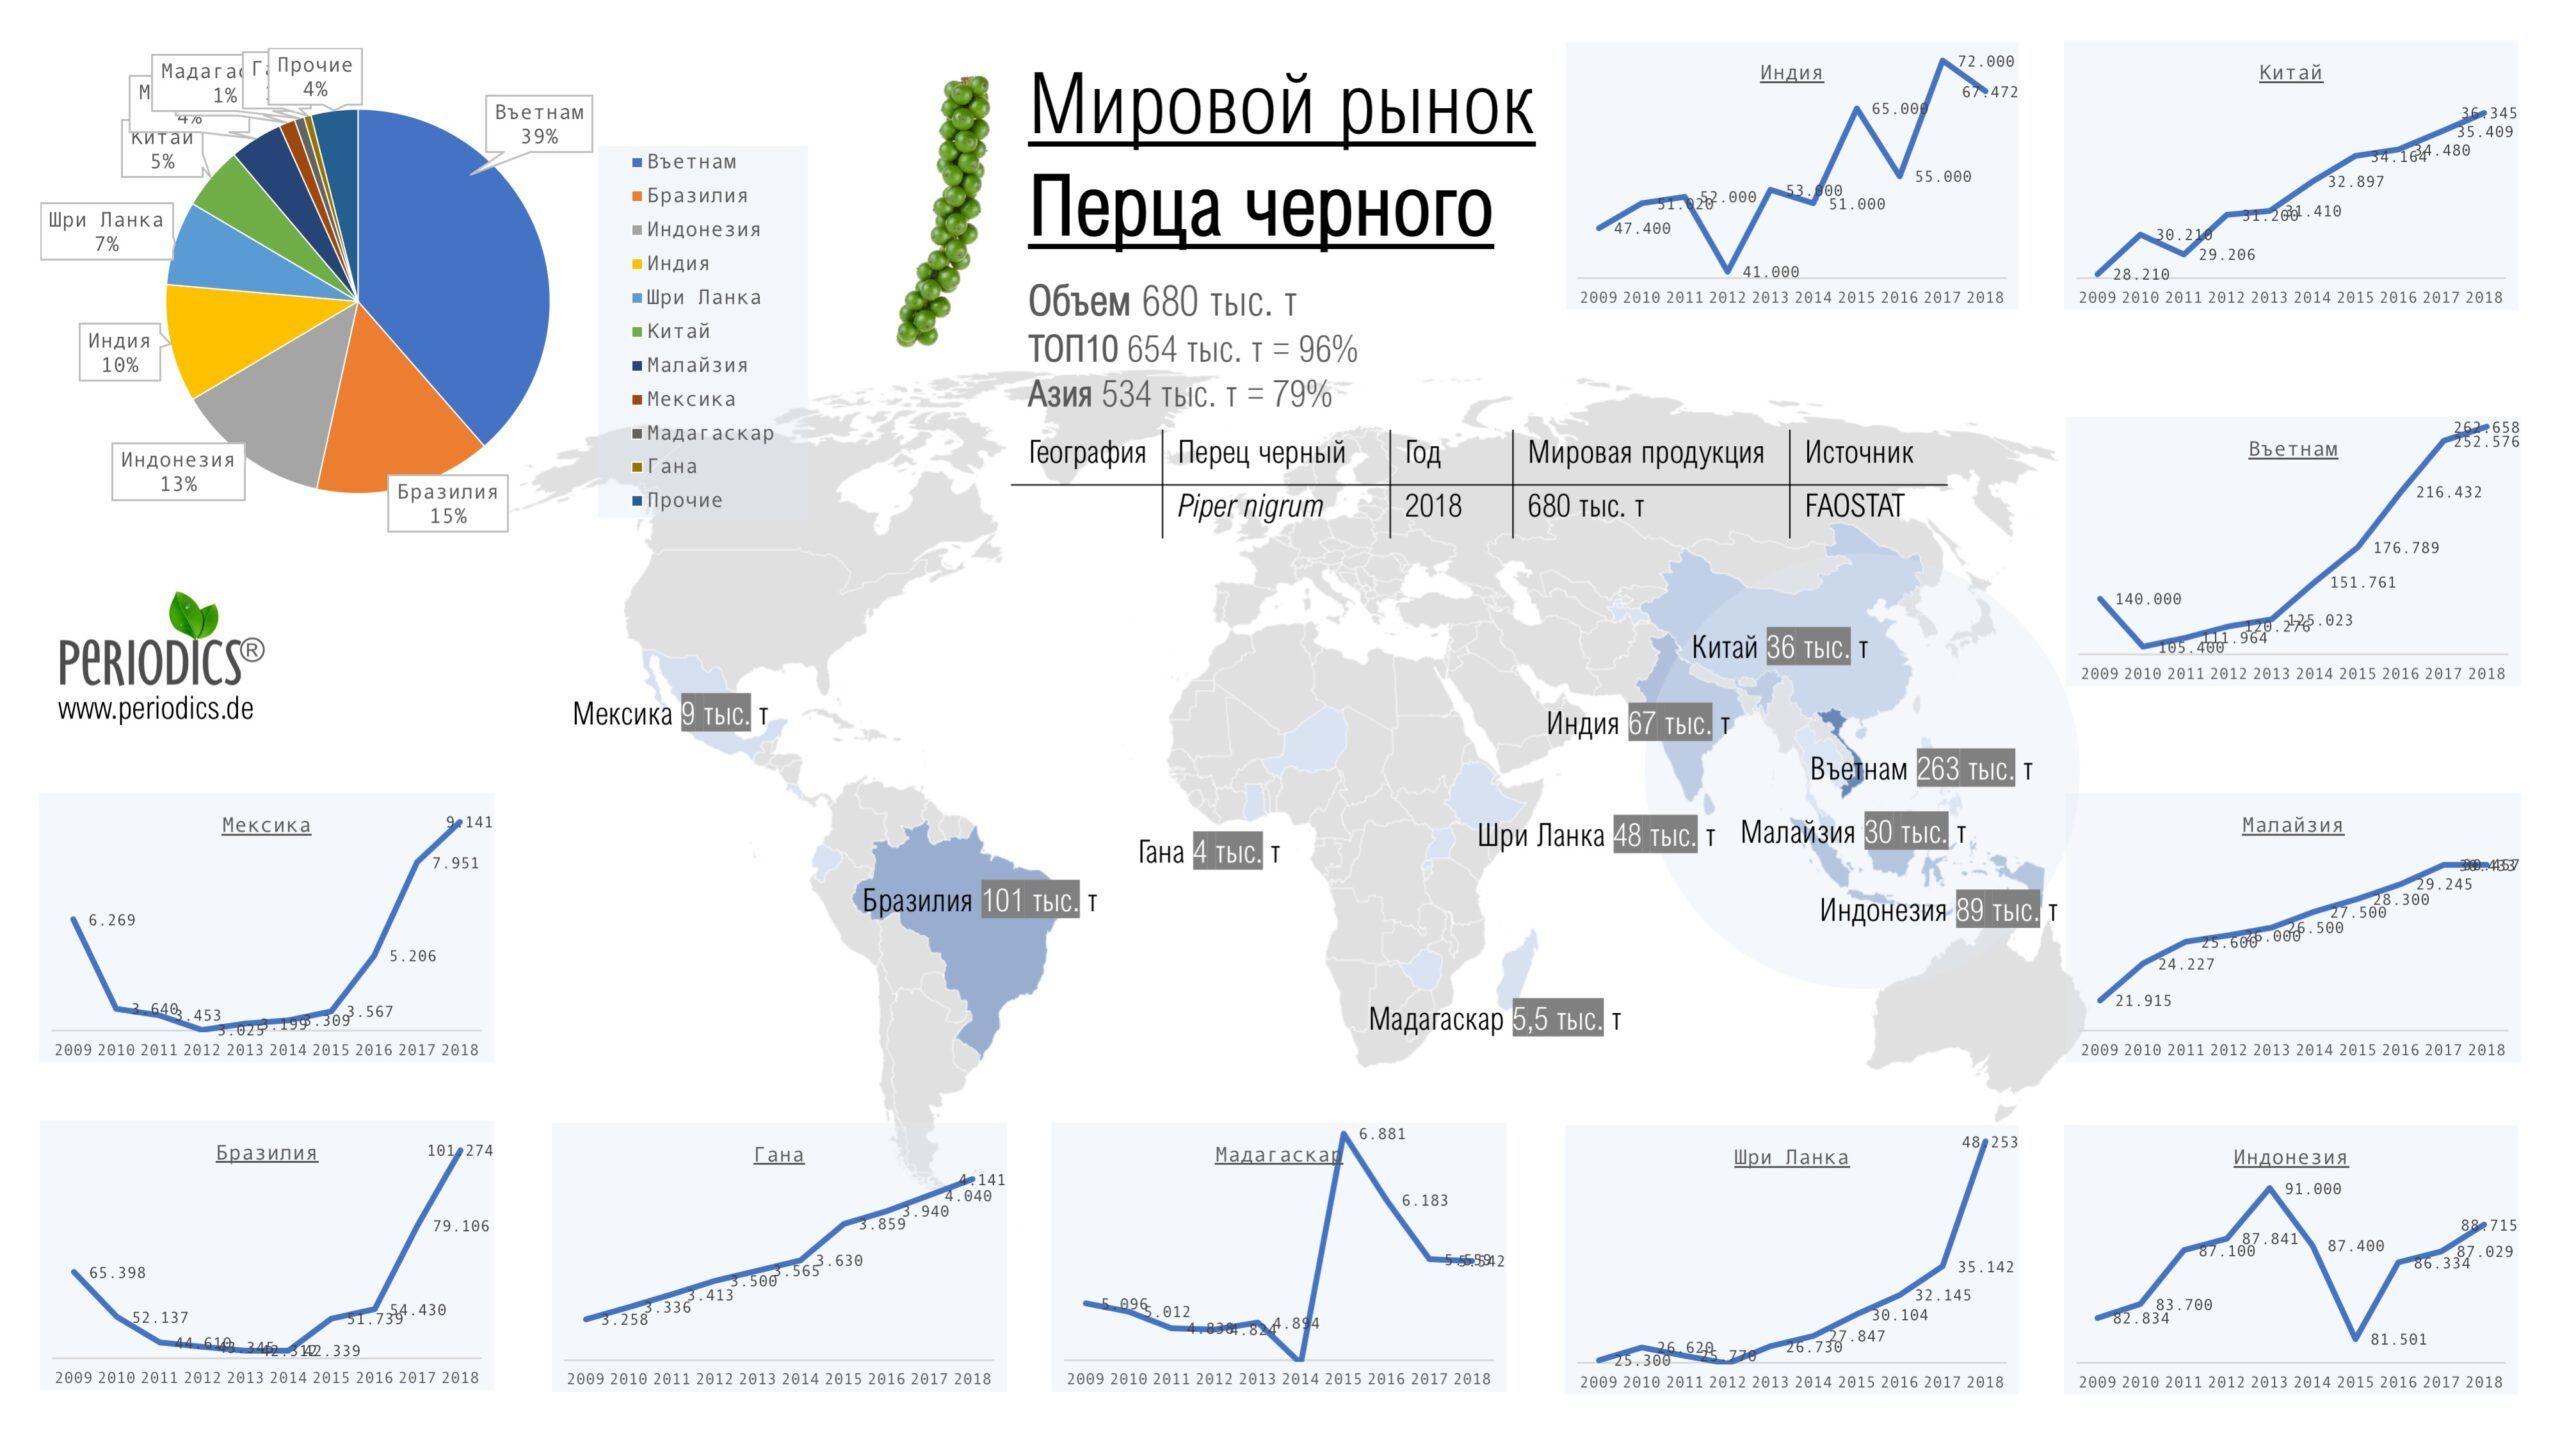 """<span itemprop=""""name"""">Мировой рынок перца черного – Инфографика (ru_RU)</span>"""